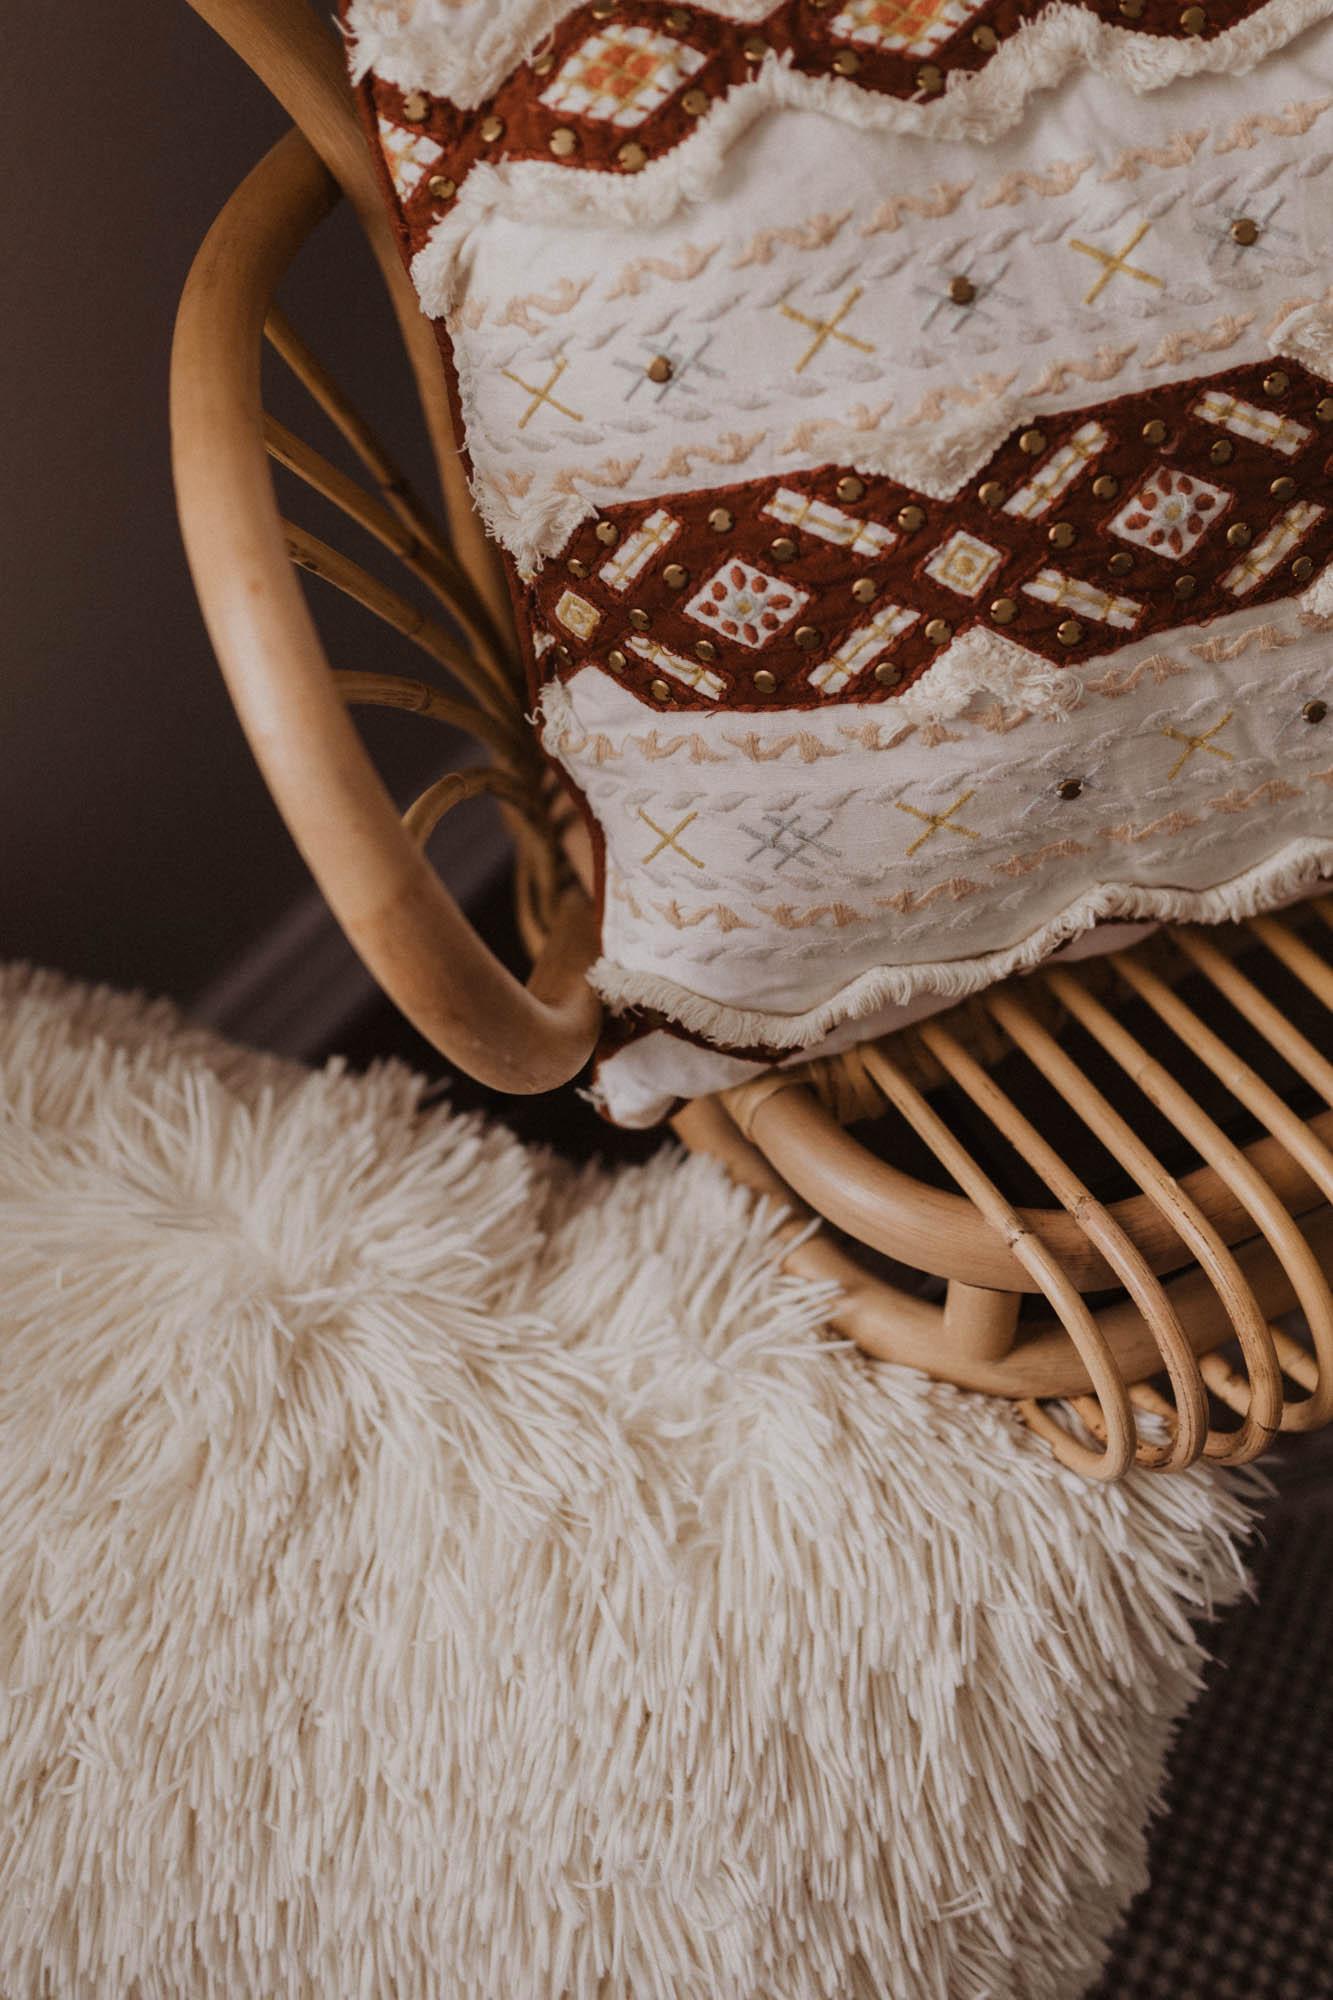 fun and bohemian pillows for decor